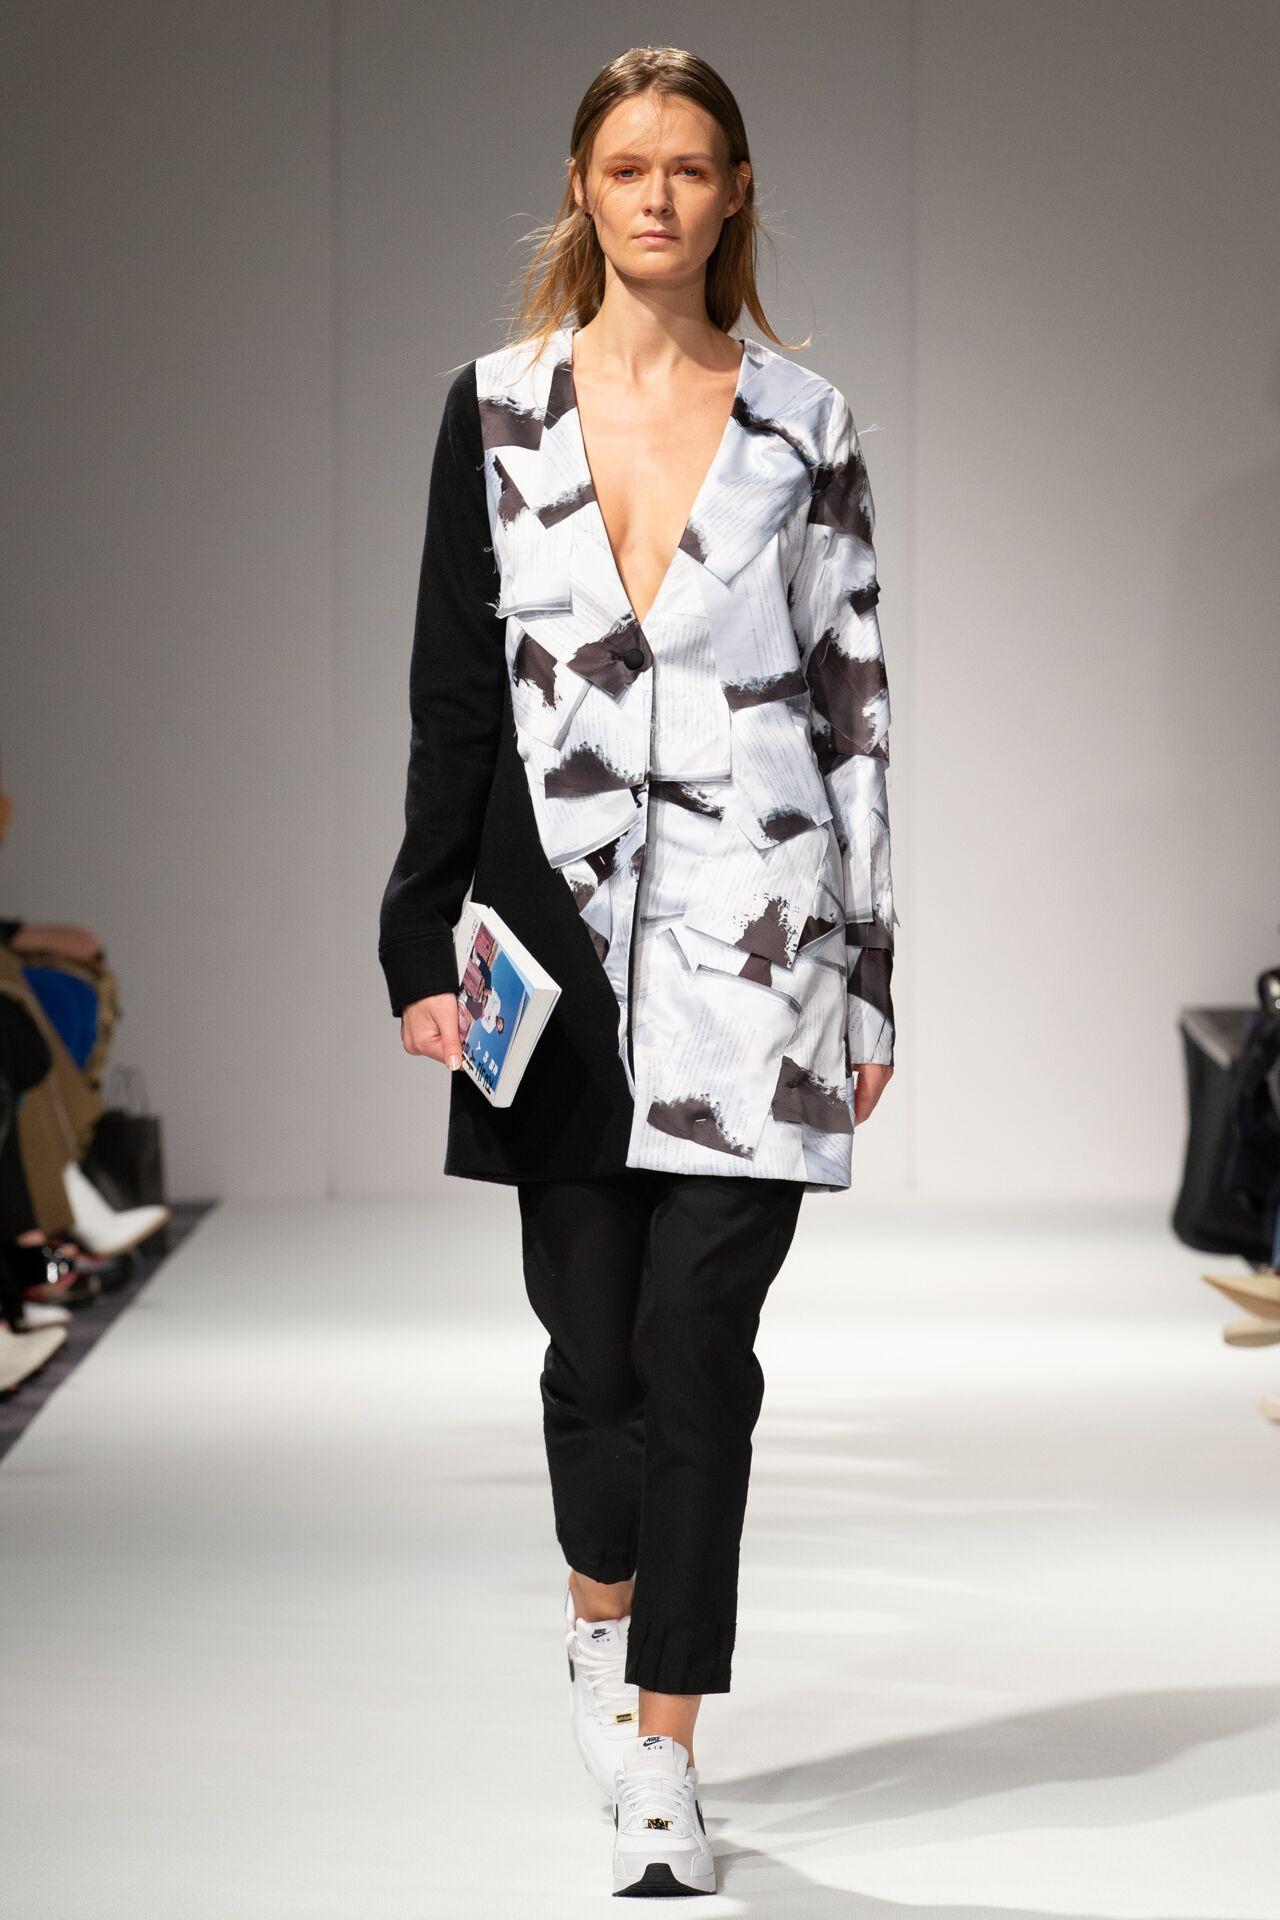 Apujan aw20 show during london fashion week (7)